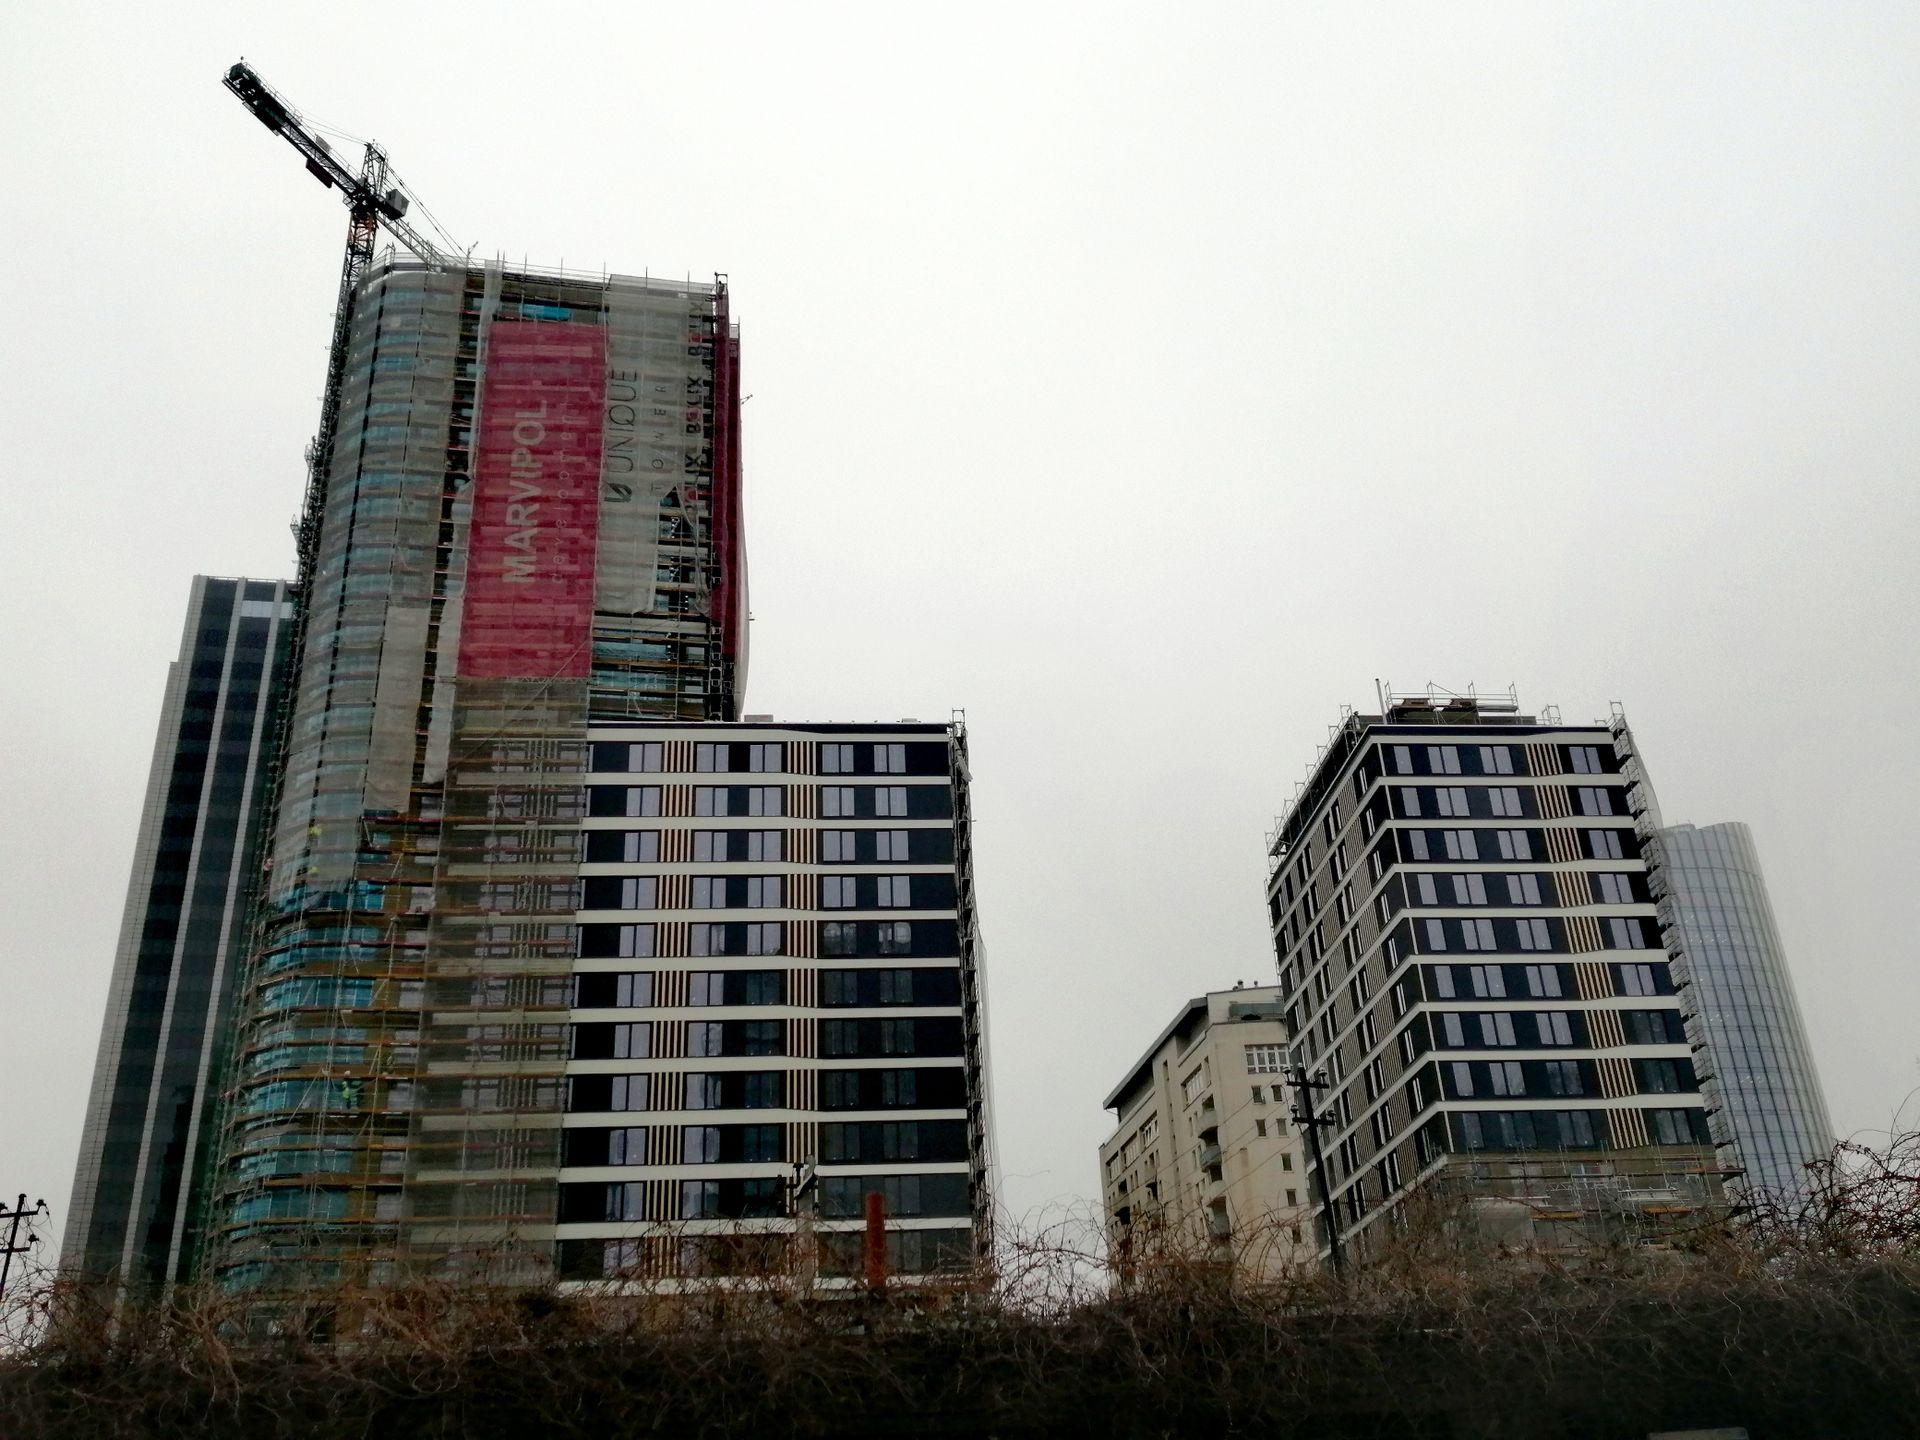 Przy ulicy Grzybowskiej w Warszawie powstaje wieżowiec Unique Tower